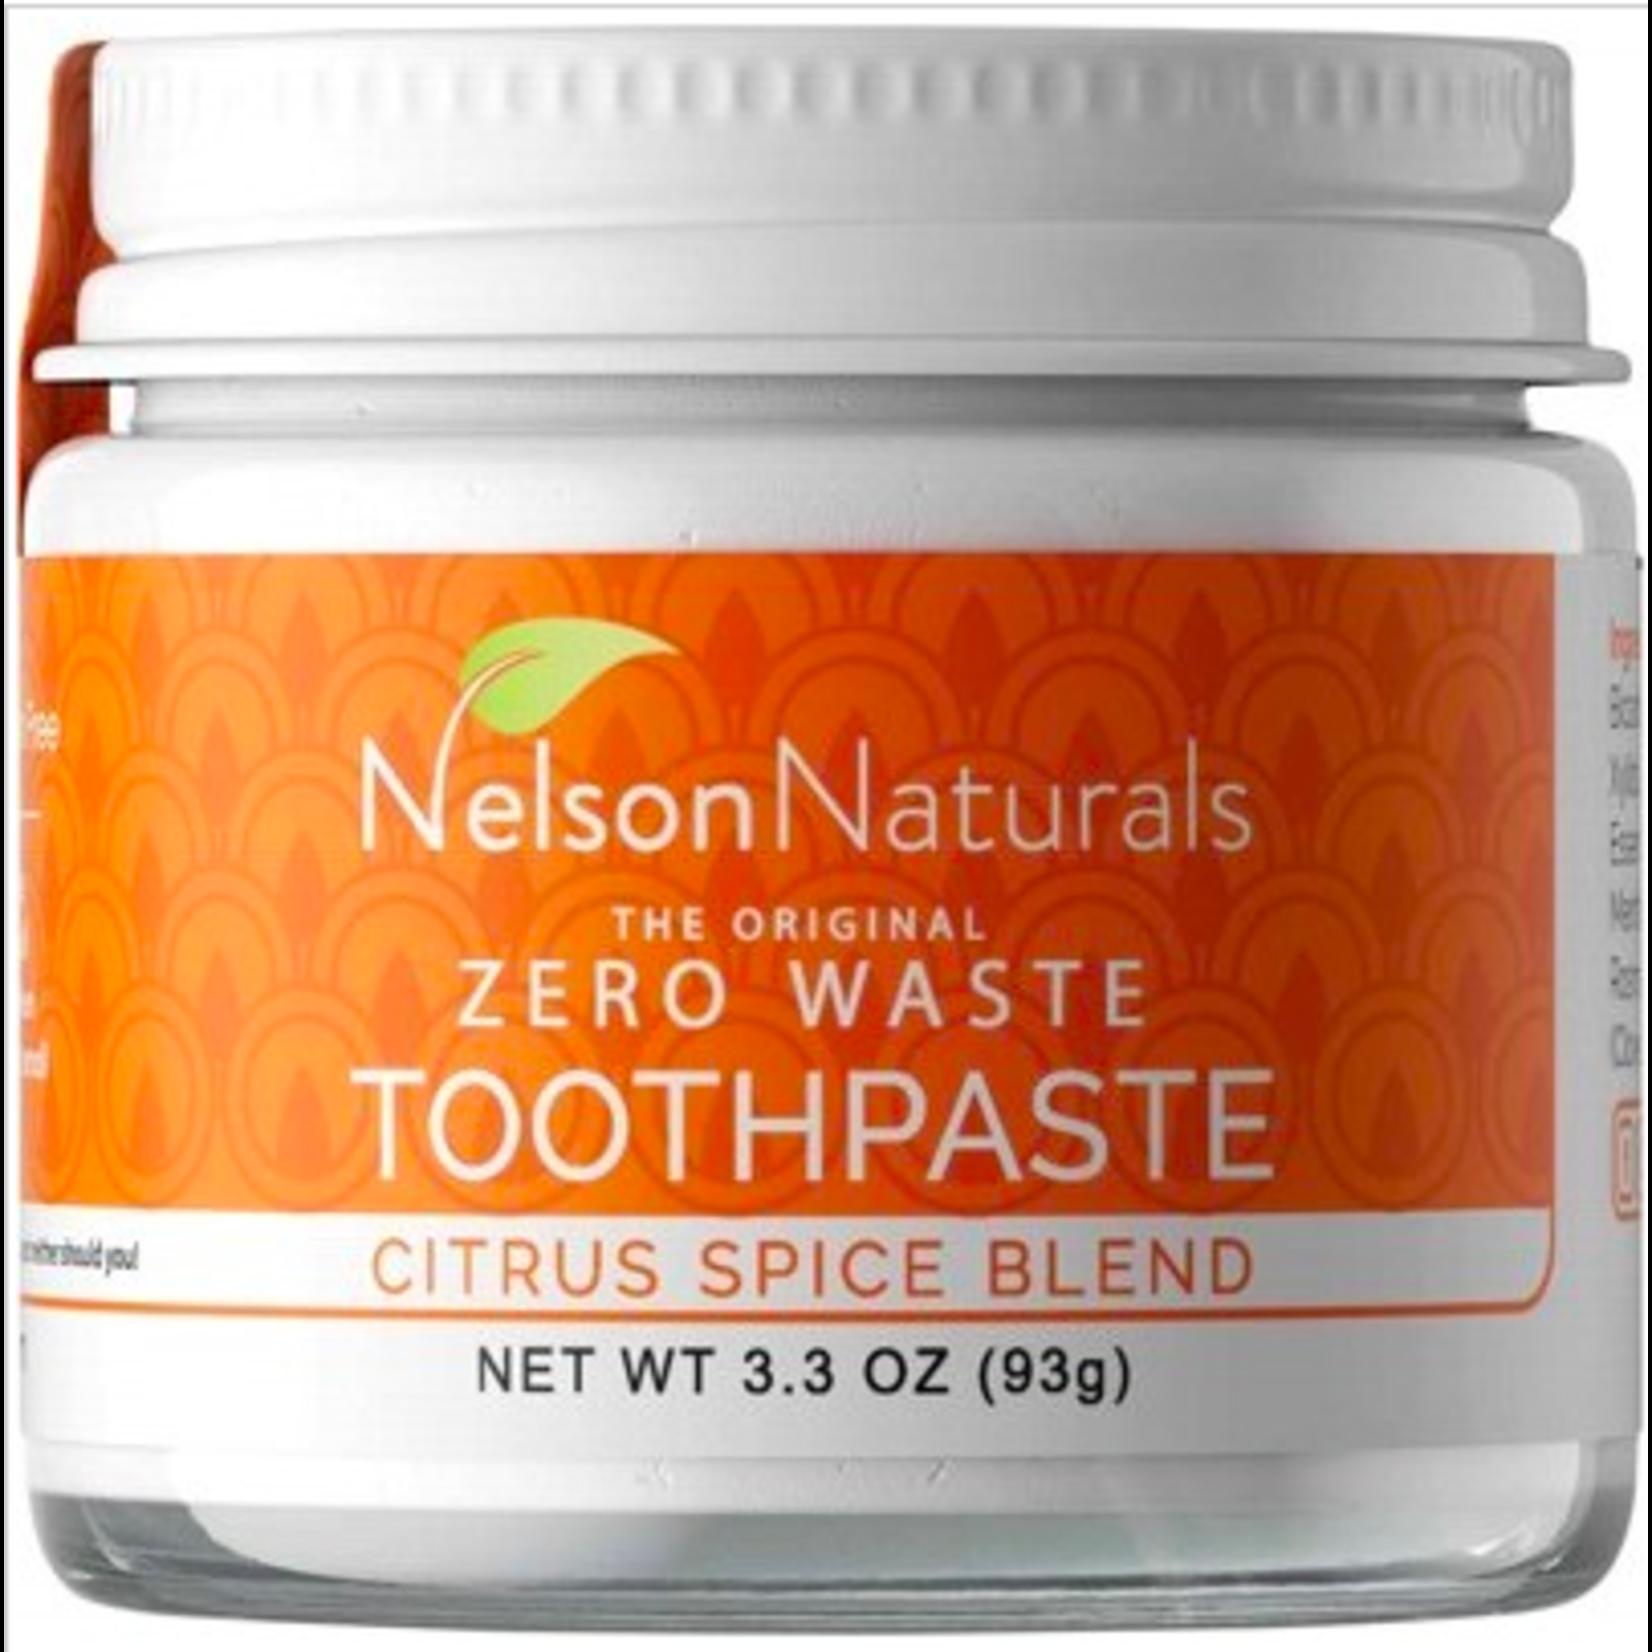 Nelson Nelson Naturals Zerowaste Toothpaste